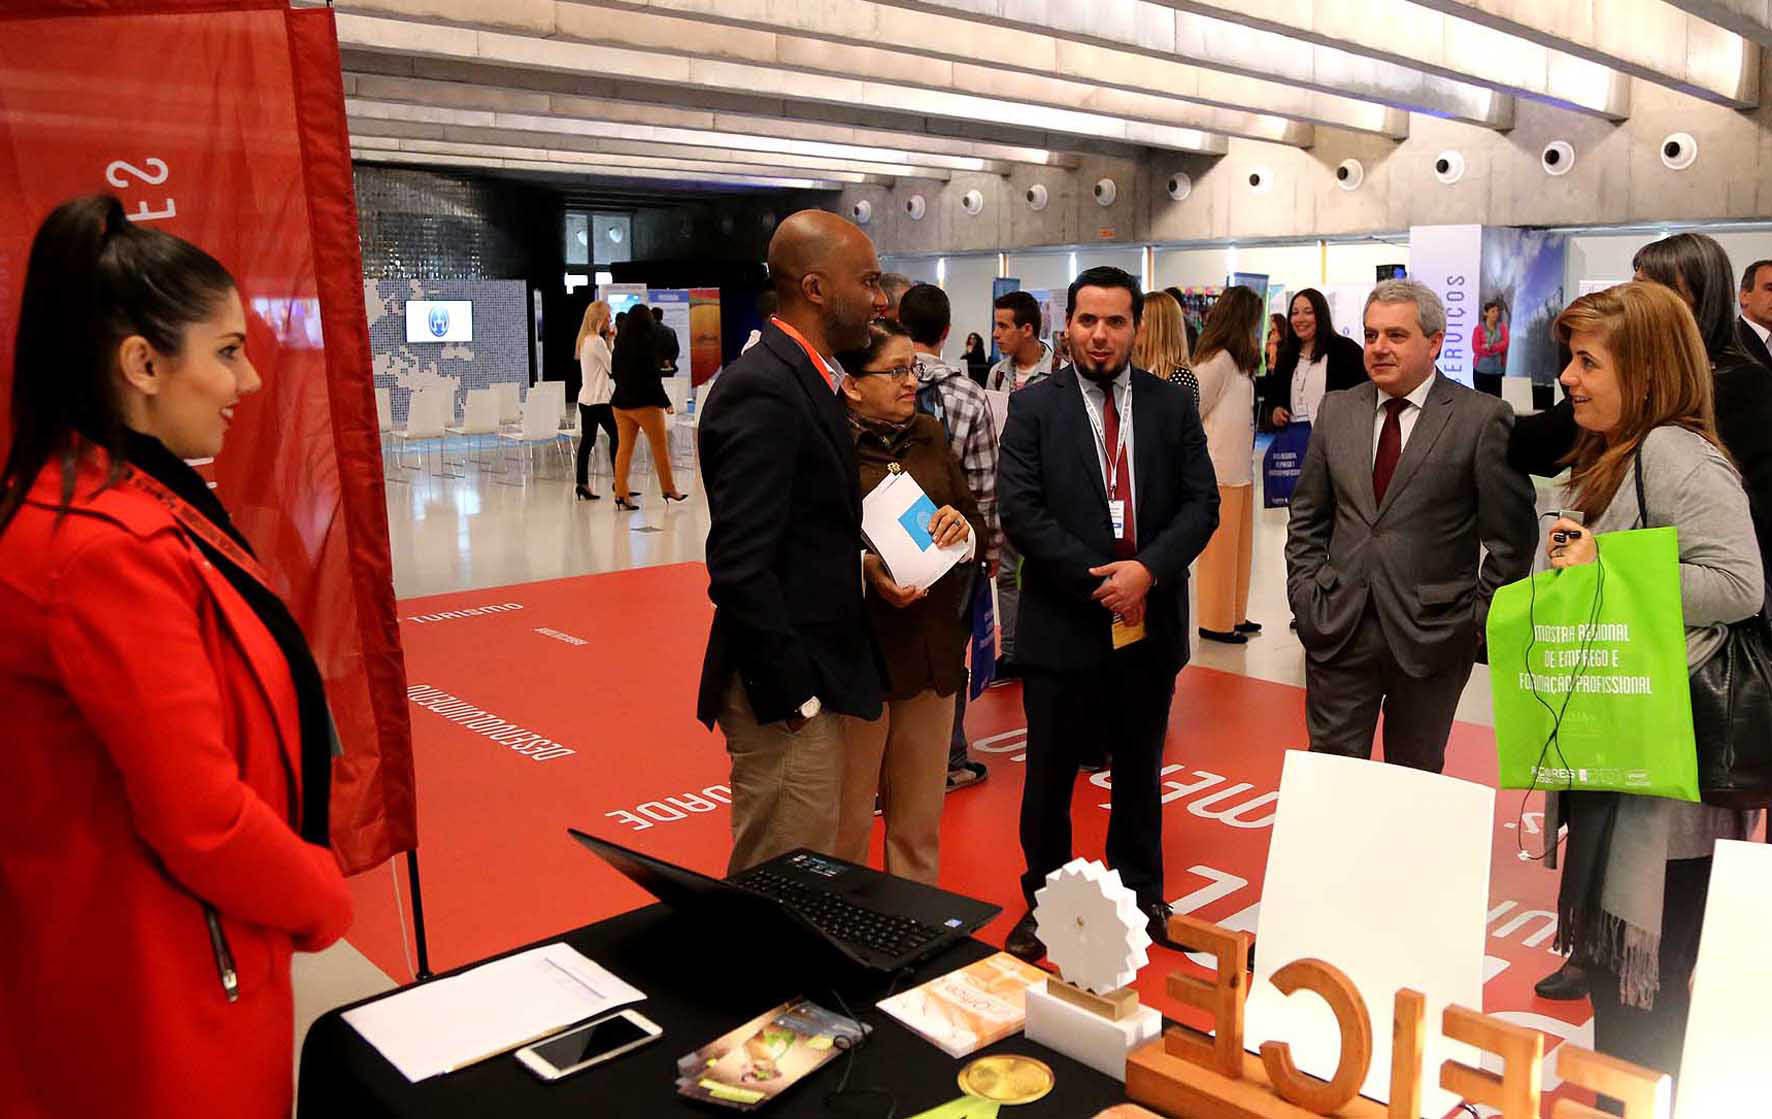 É inegável que os Açores se encontram numa rota ascendente de desenvolvimento e progresso, afirma Sérgio Ávila